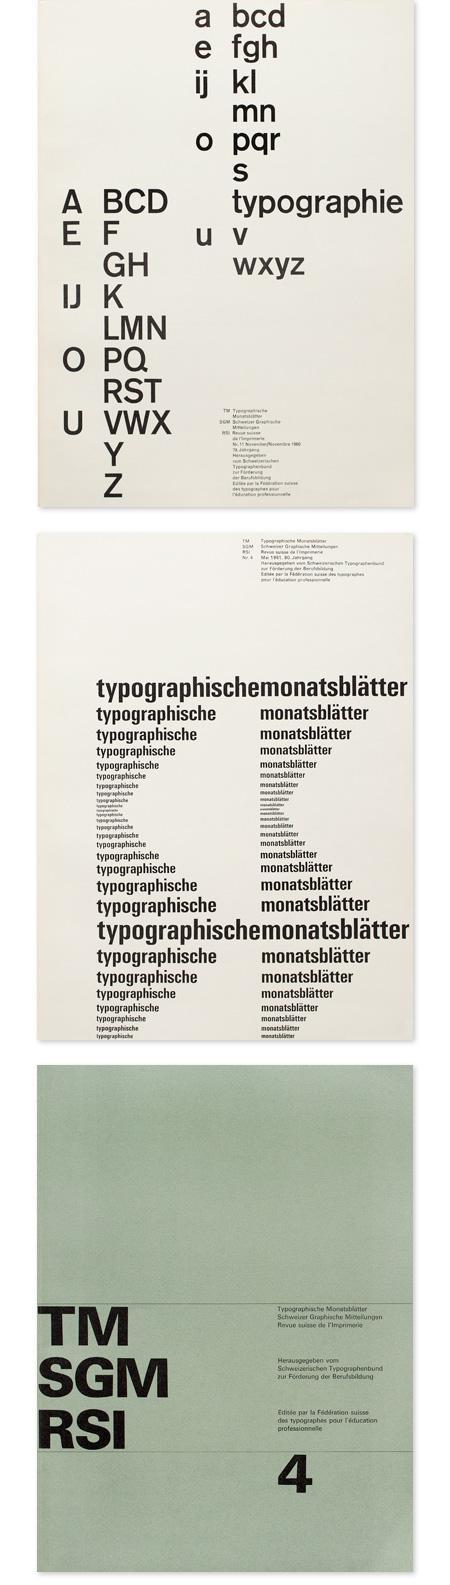 Typographische Monatsblatter Research Archive